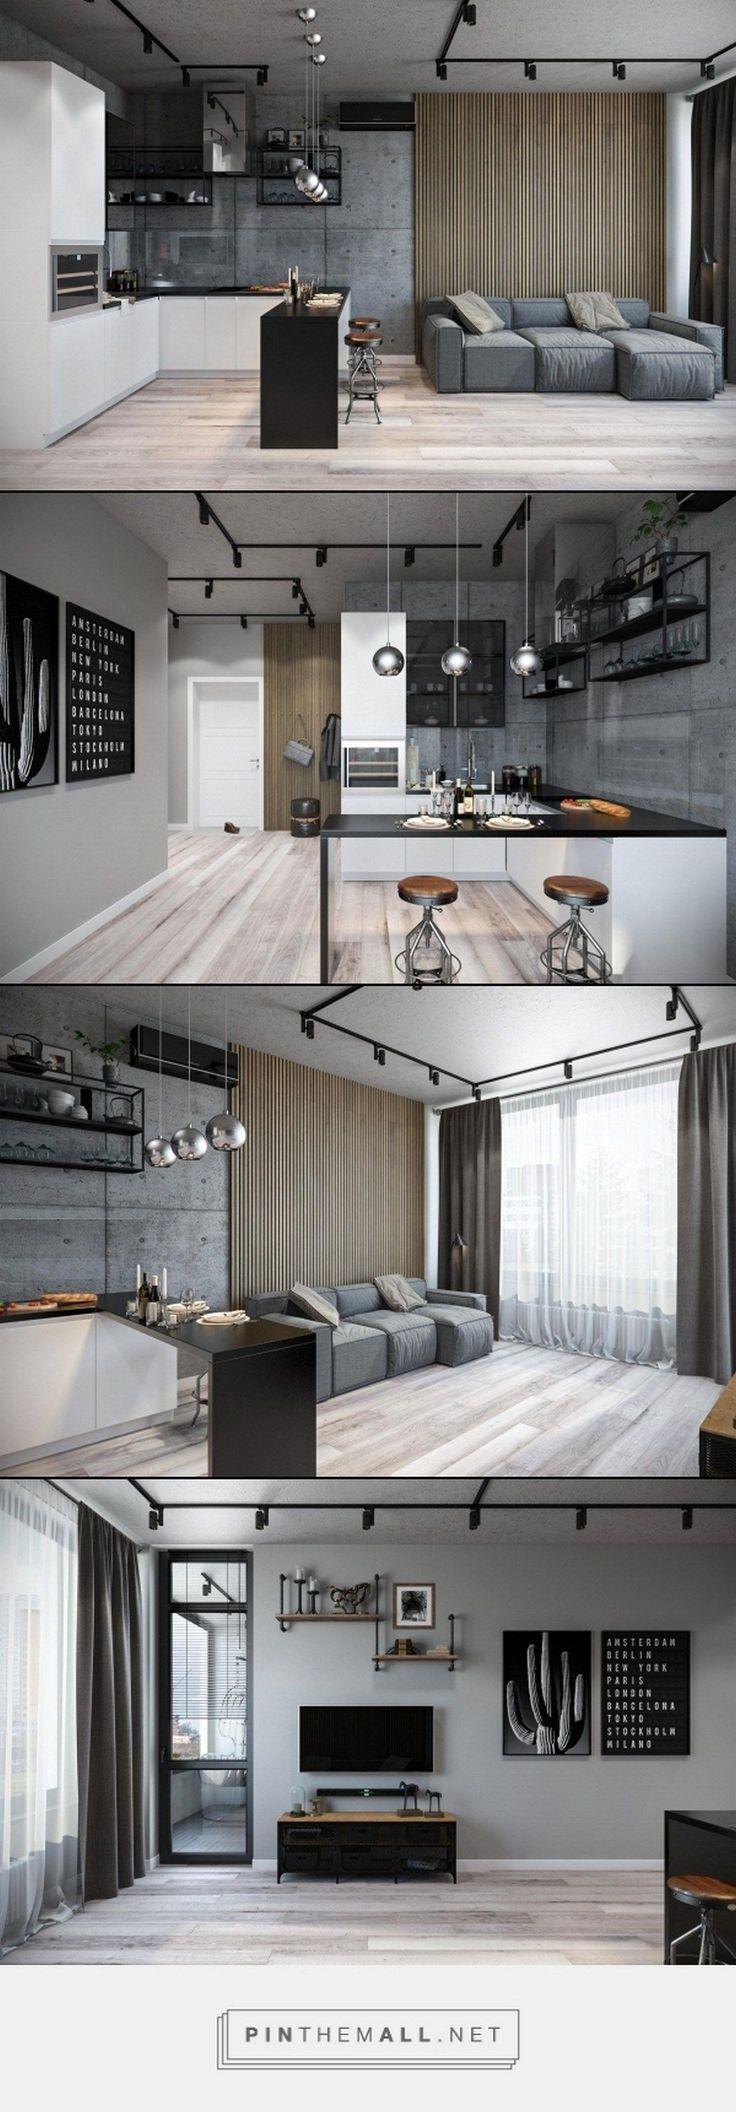 10 interior design ideas to change your home for Diseno de apartamentos industriales